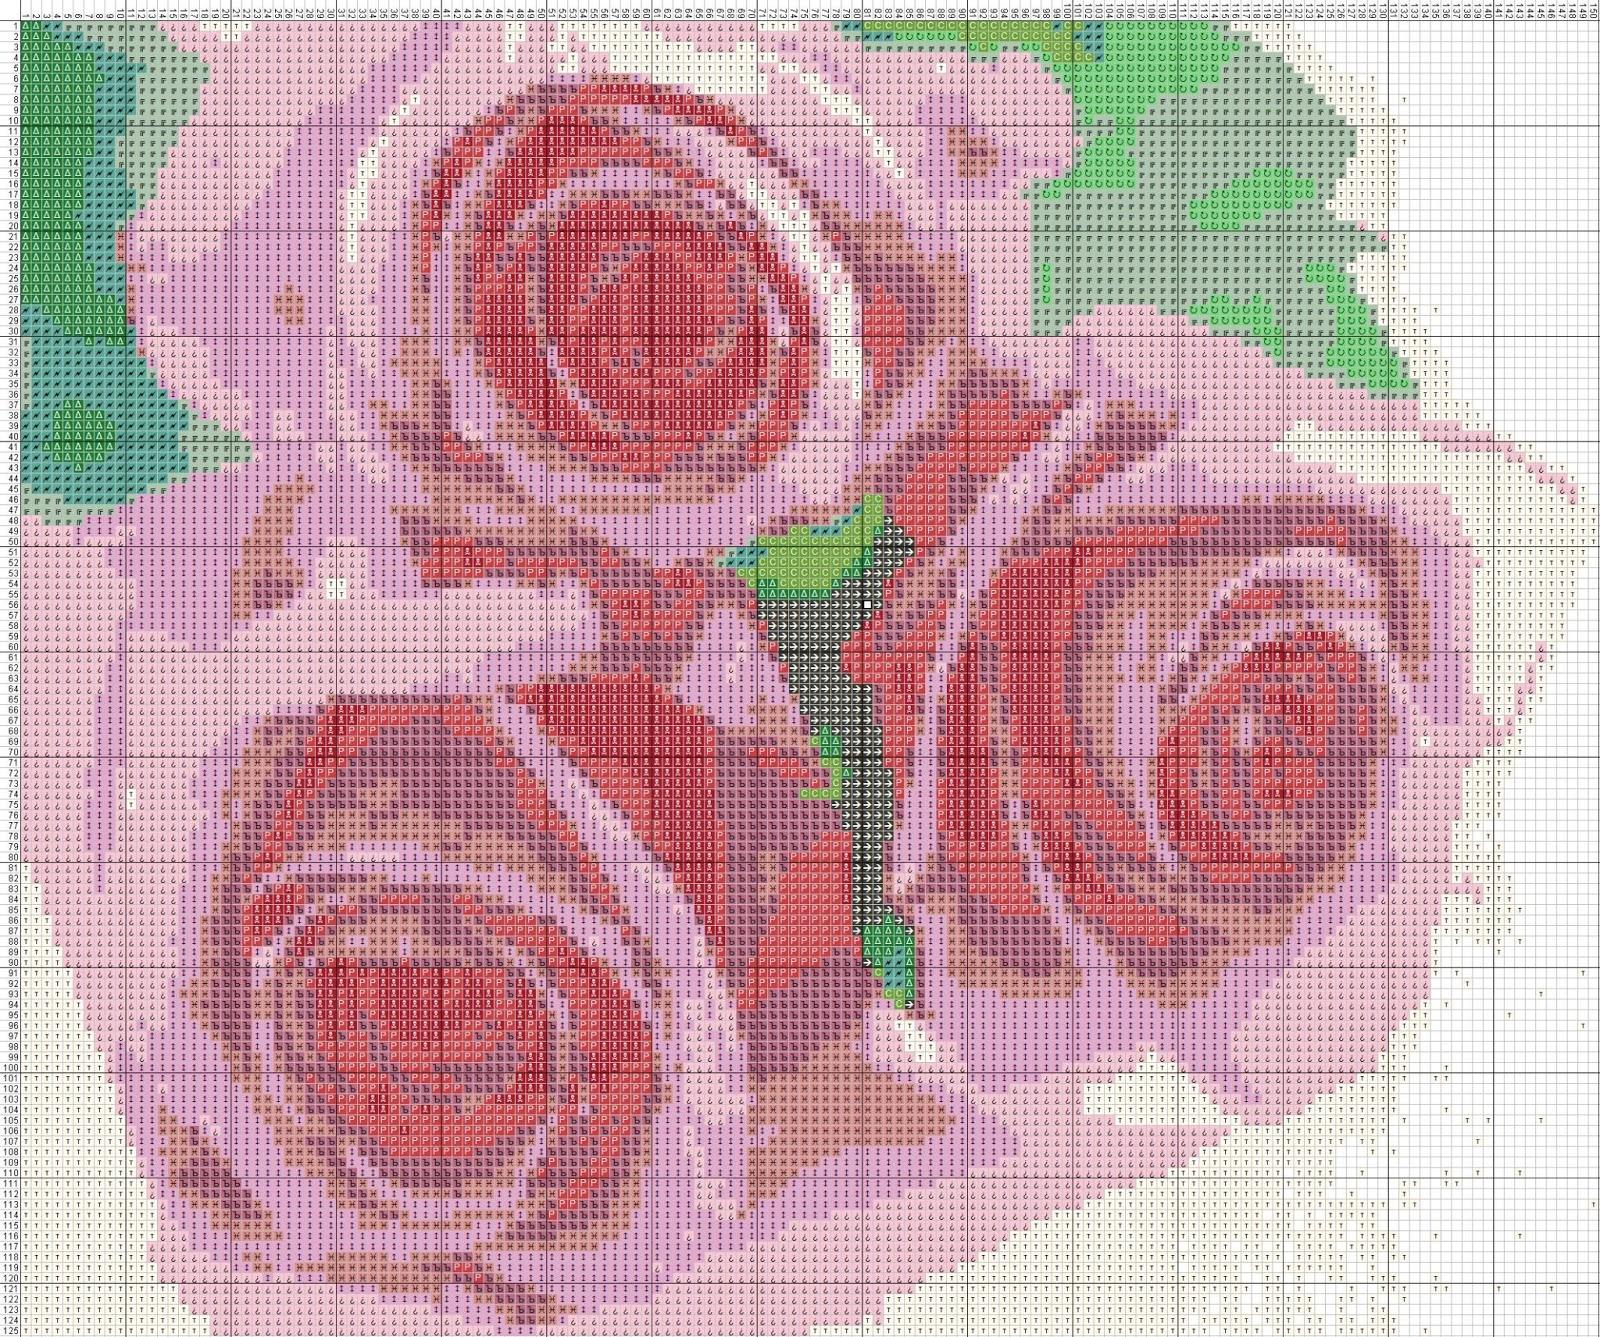 Gambar Pola Kristik Bunga Mawar Pink